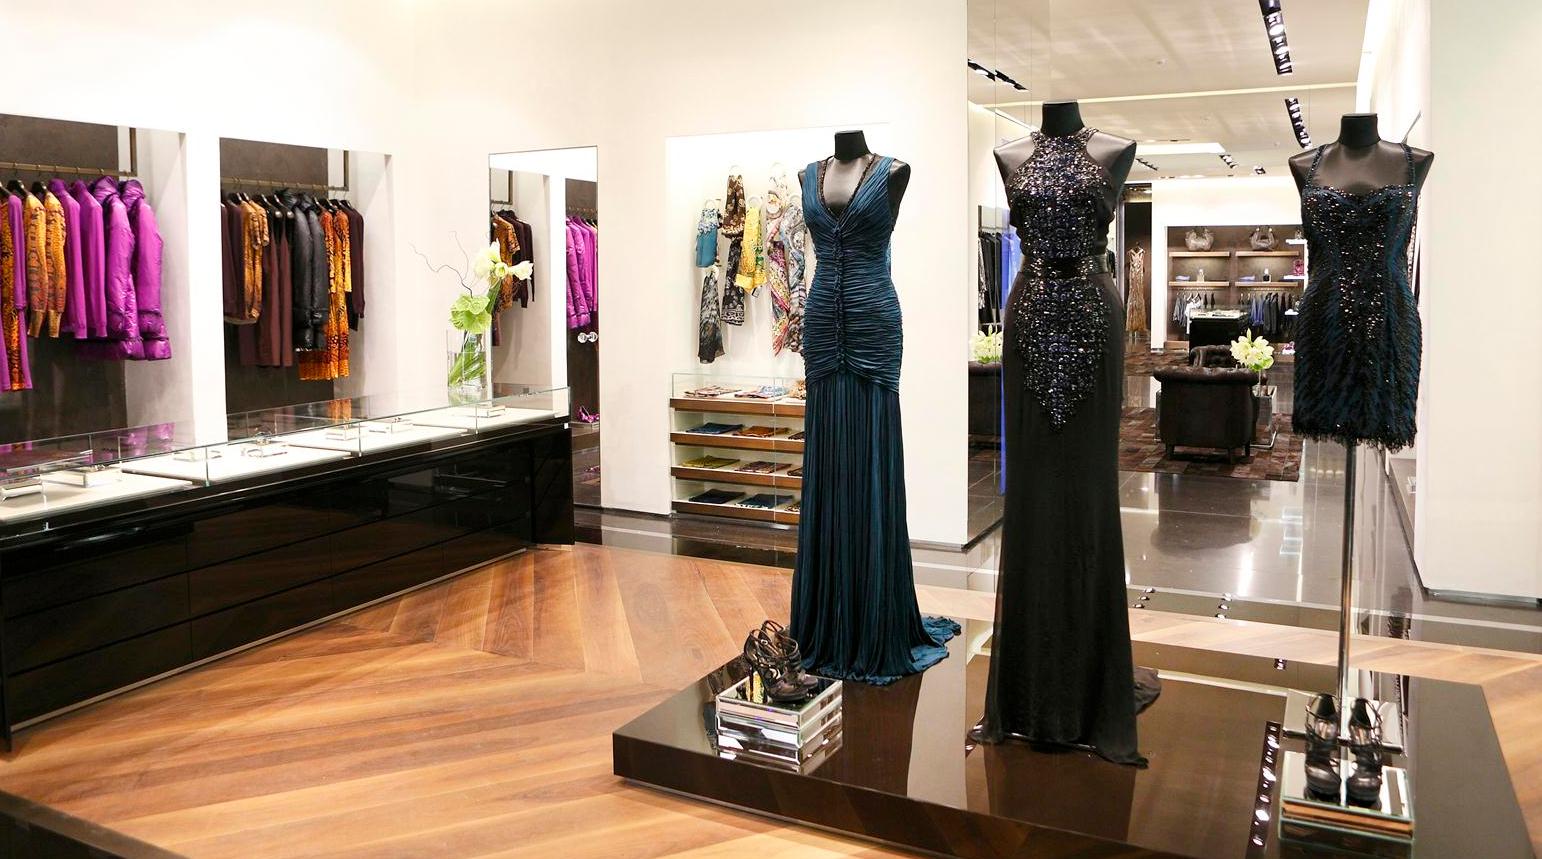 Бизнес-идея открытия магазина женской одежды